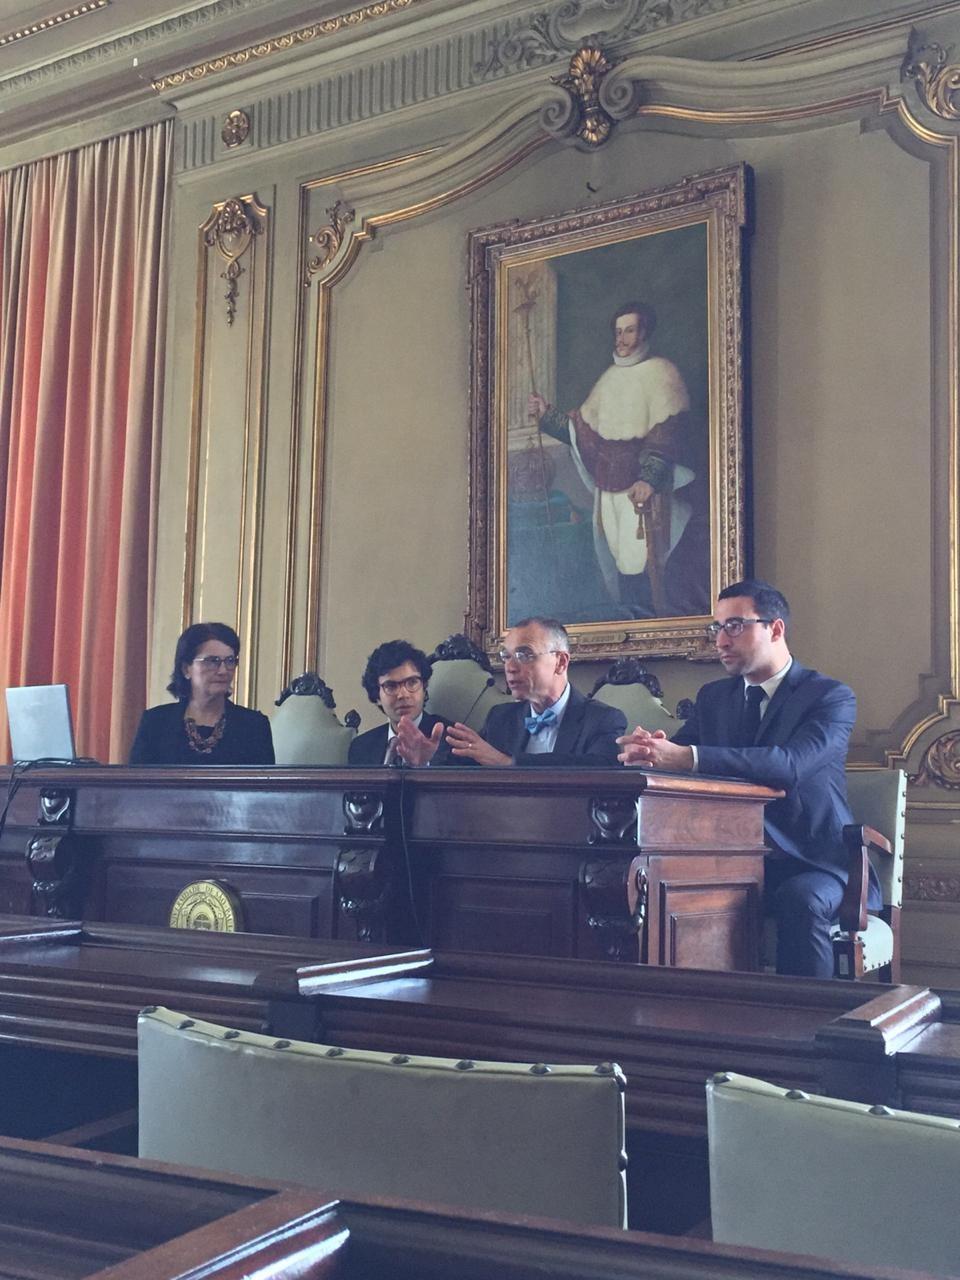 Katia RUBIO, Jean NICOLAU, Hugues FULCHIRON, Xavier AUMERAN